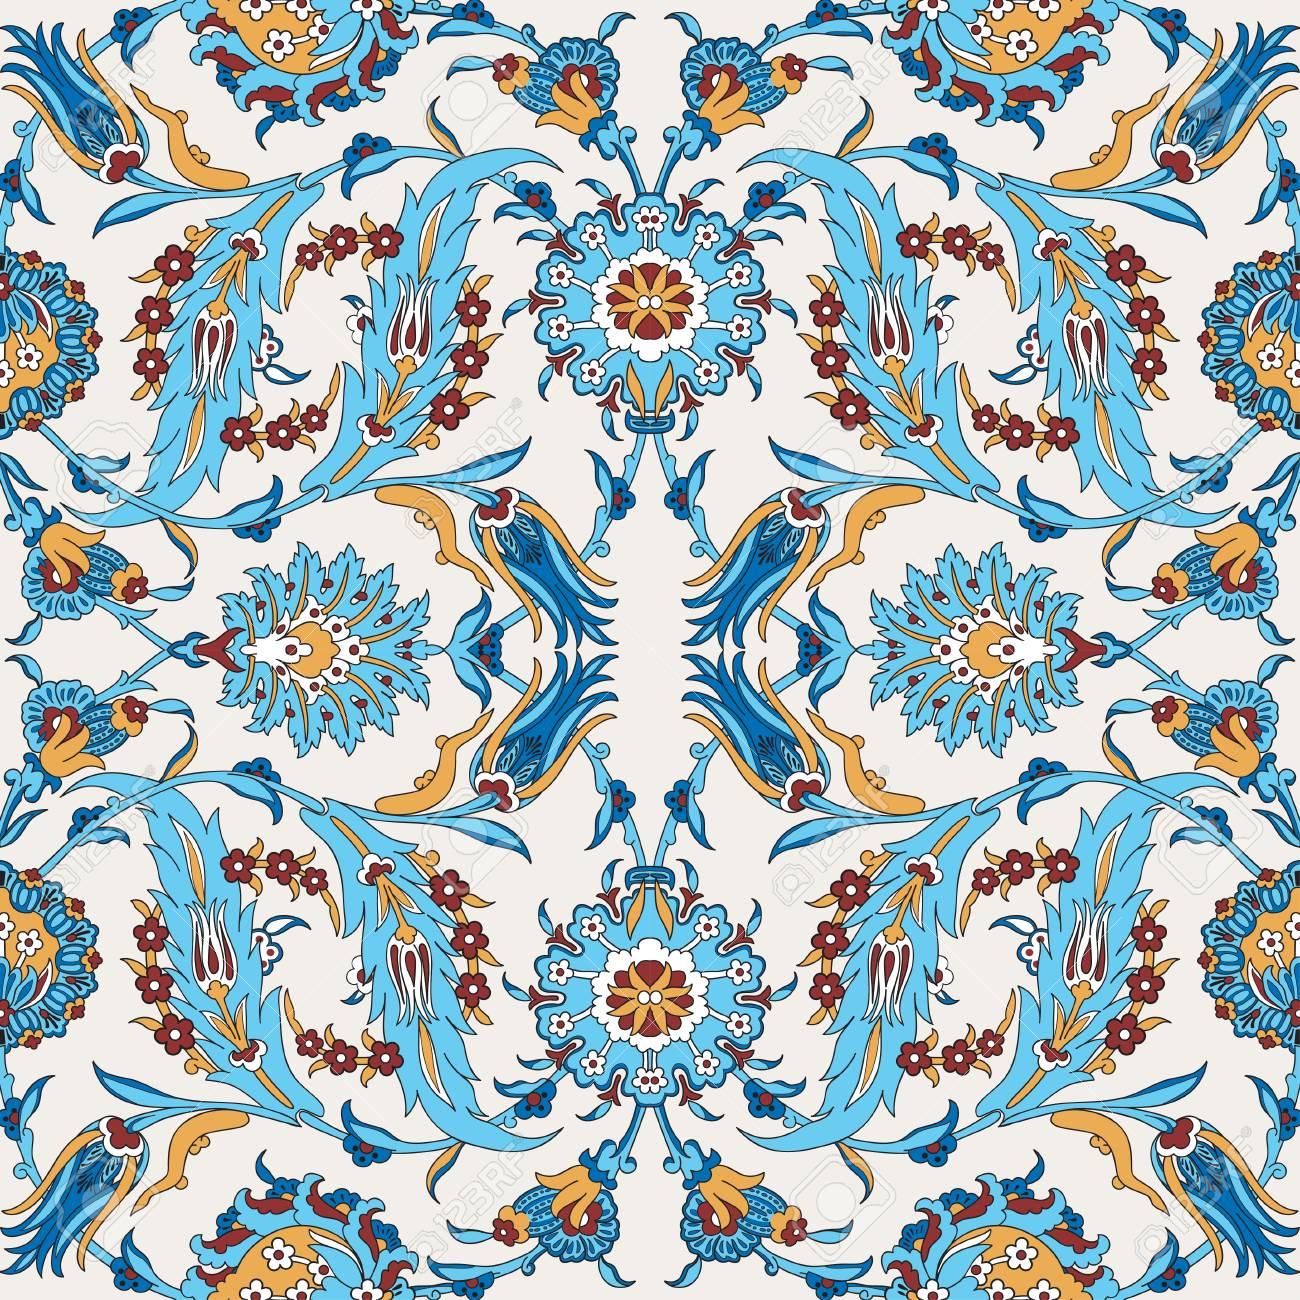 Papier A Peindre Motif arabesque vintage décor fleuri modèle pour vecteur de modèle de conception.  motif oriental peinture décoration de fleurs. illustration ornementale